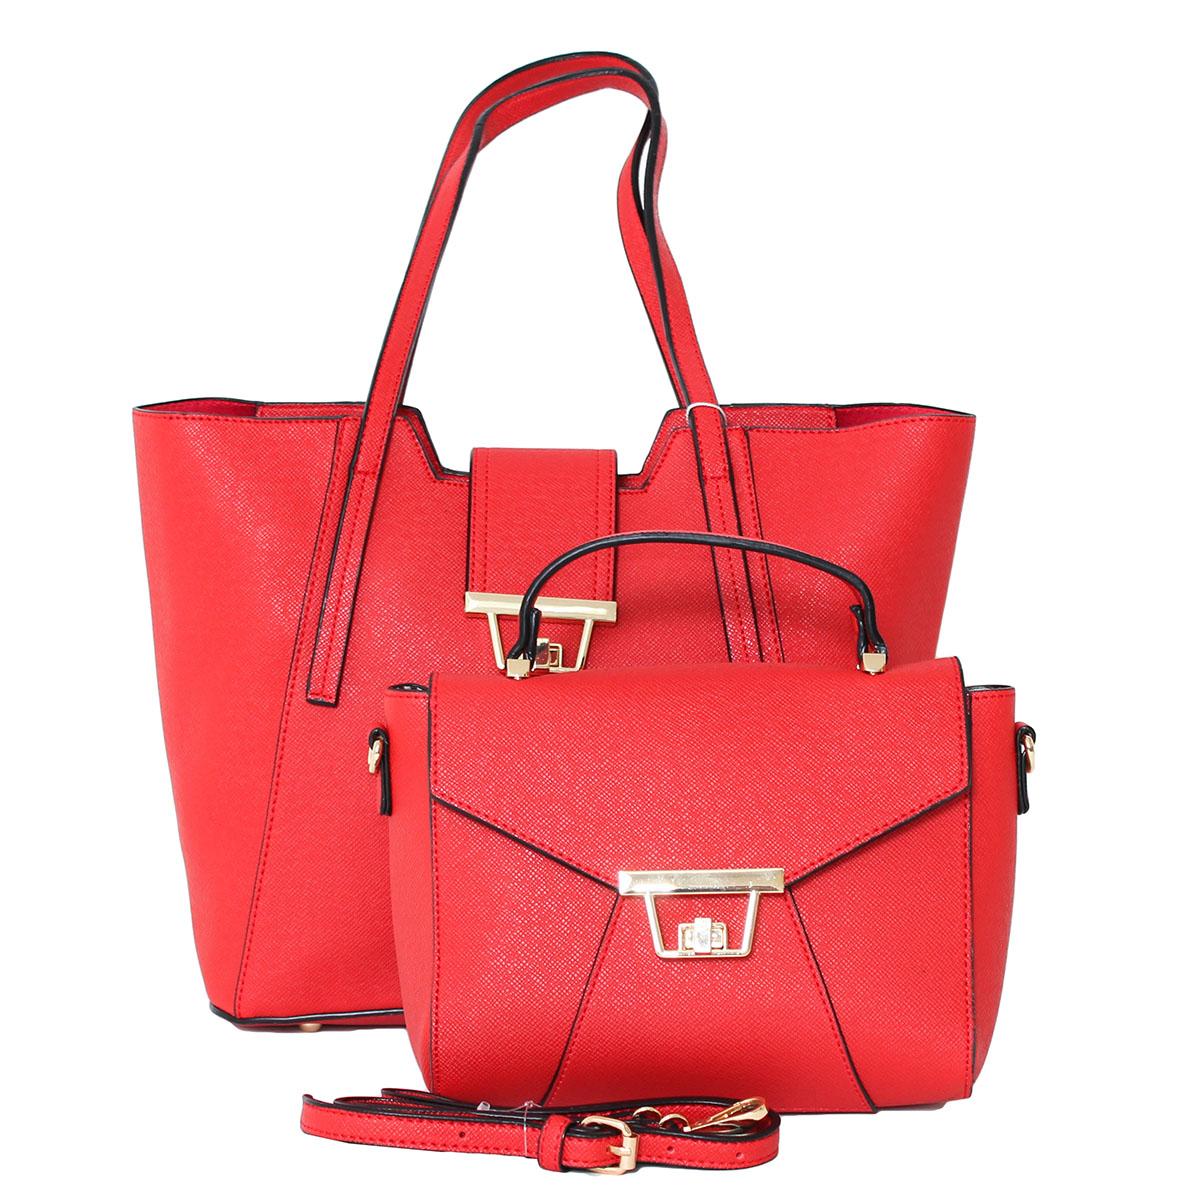 Сумка женский Flioraj, цвет: красный. 0005215200052152В комплекте две сумки. Одна сумка (29 х 14 х 27, высота ручки - 26) закрывается на молнию, внутри одно отделение. Вторая сумка (22 х 11 х 17, высота ручки - 7) закрывается на декоративный клапан, внутри одно отделение, один открытый карман. Длинный ремень